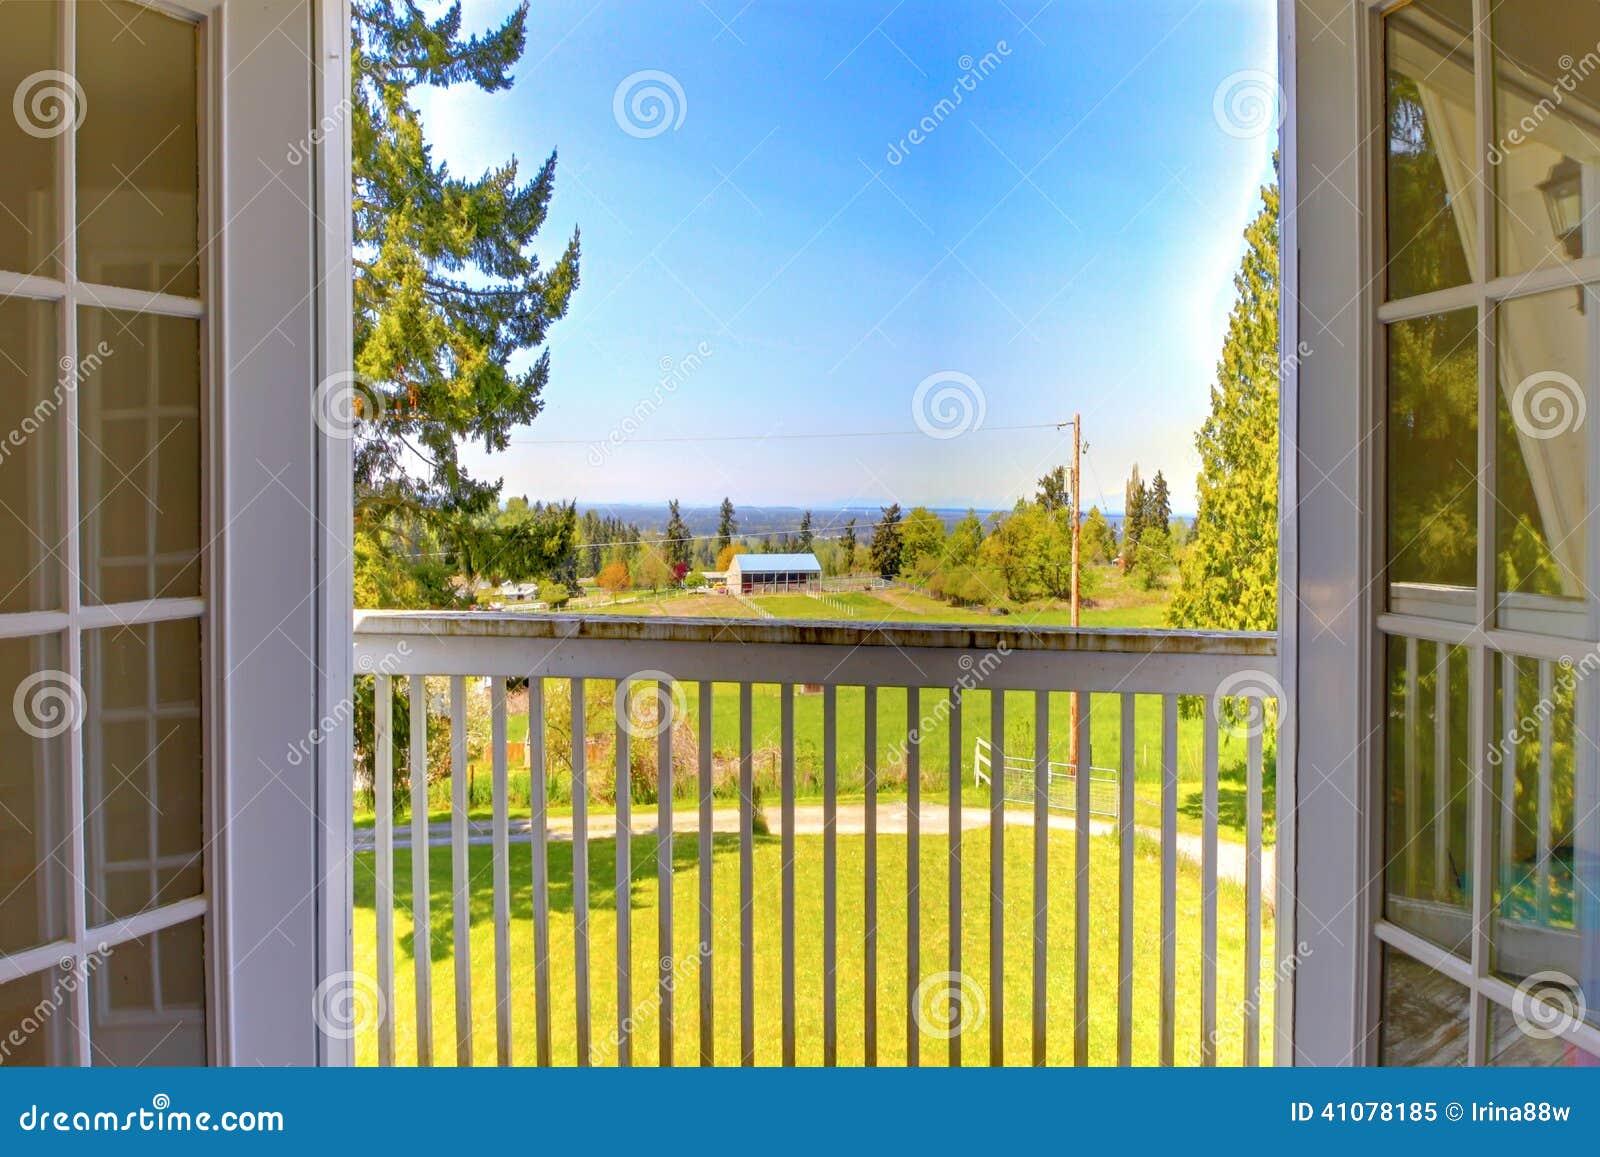 Porte ouverte au balcon vue de paysage de nature image for Fenetre ouverte sur paysage